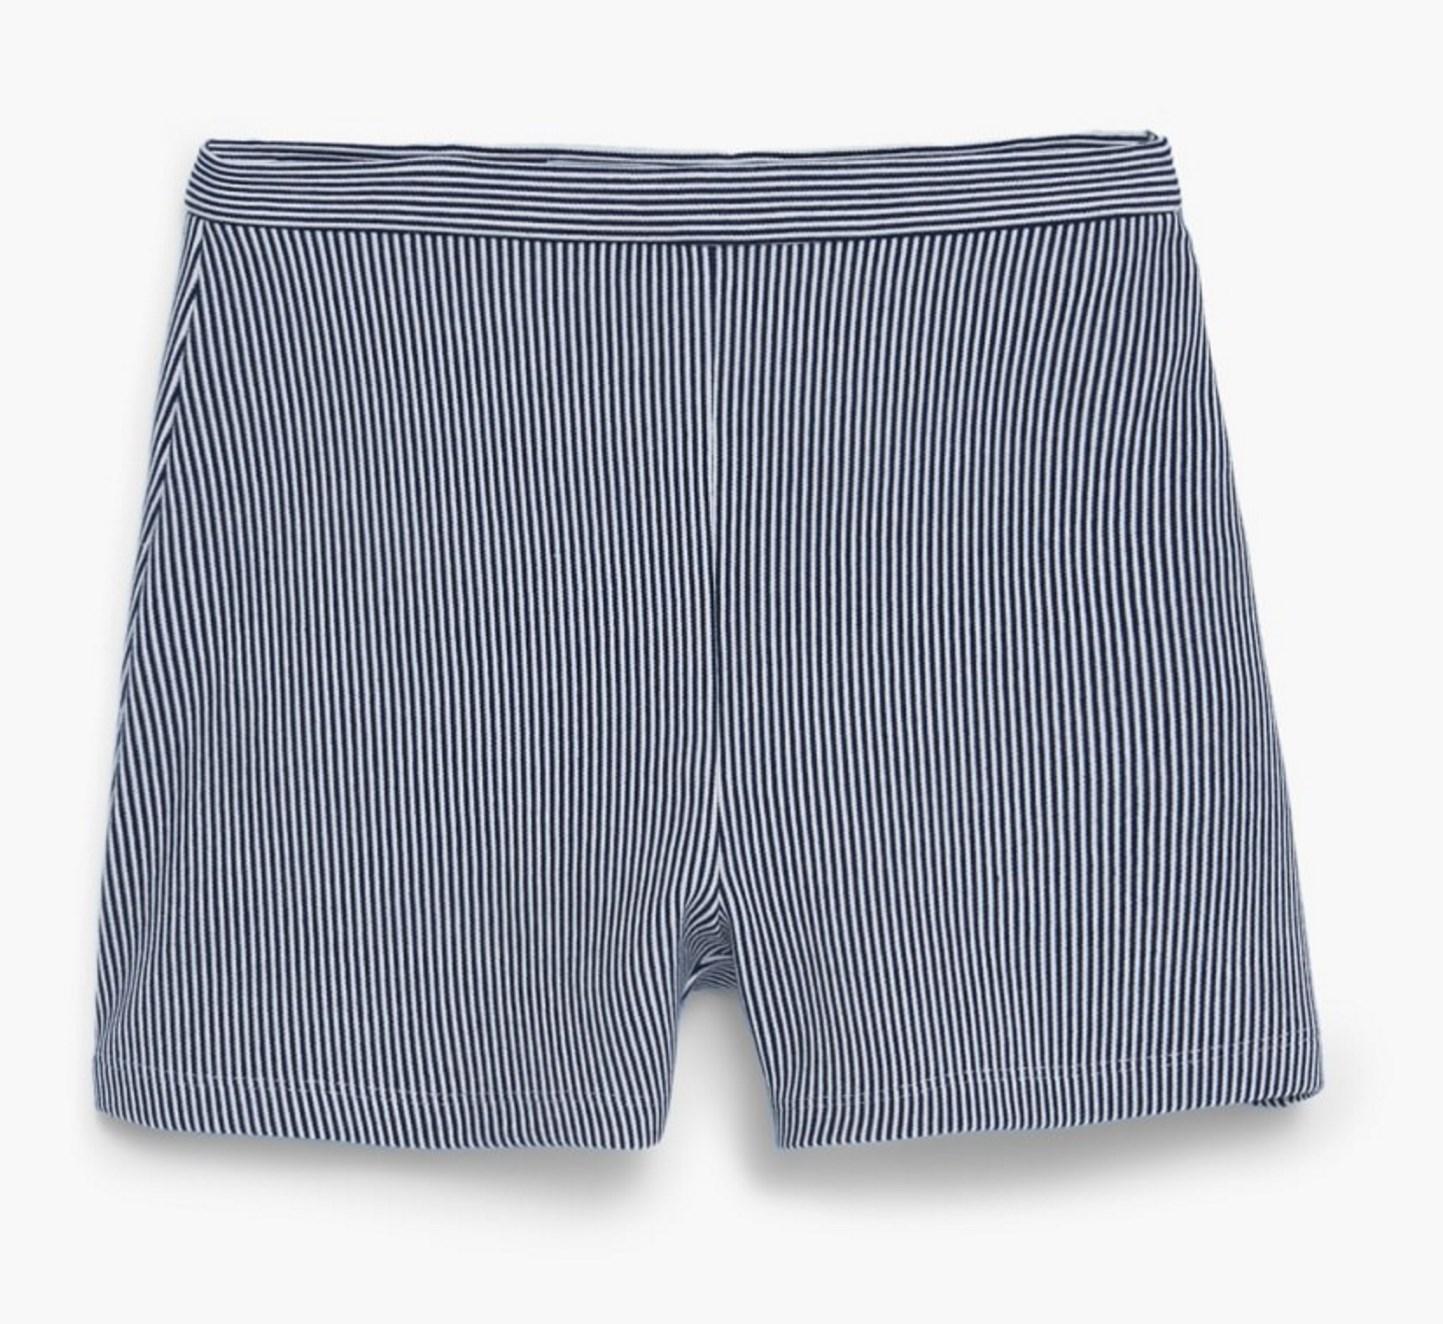 Jusqu'à -70% de réduction sur une selection d'articles - Ex : Short Femme à rayures - Bleu marine